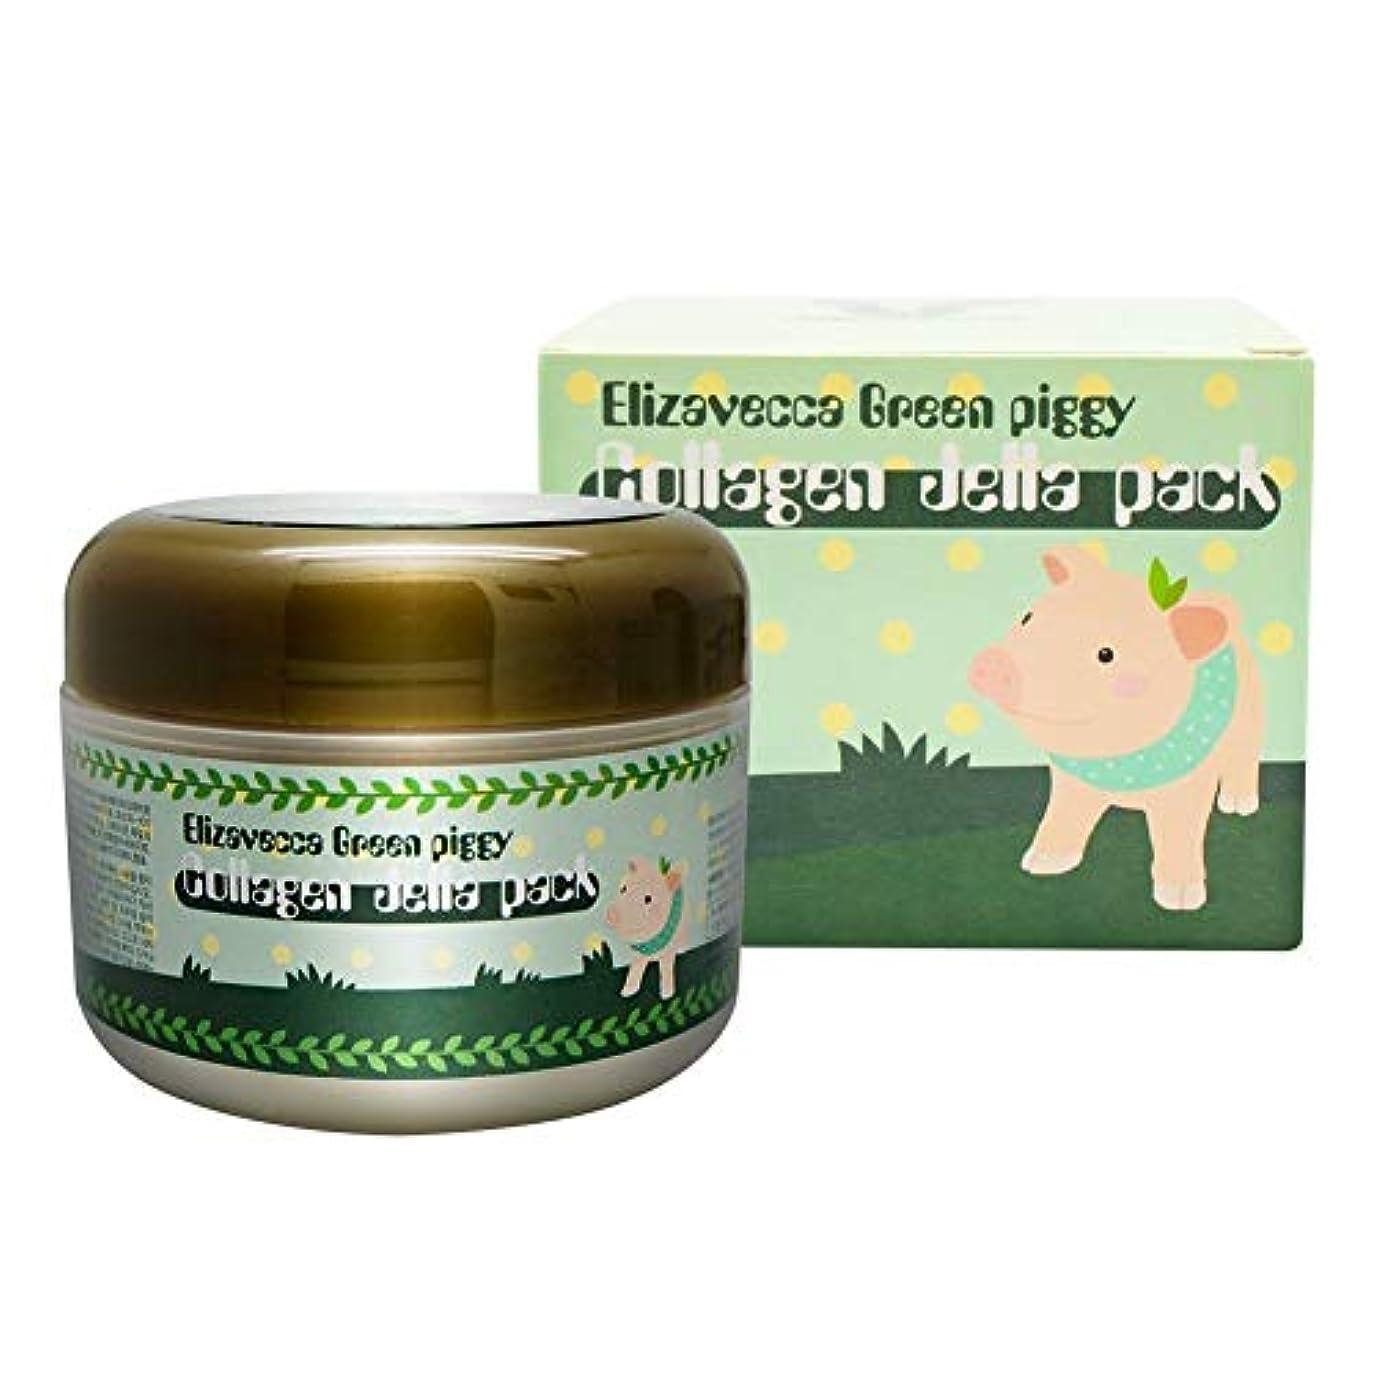 入射過剰タブレットElizavecca Green Piggy Collagen Jella Pack pig mask 100g